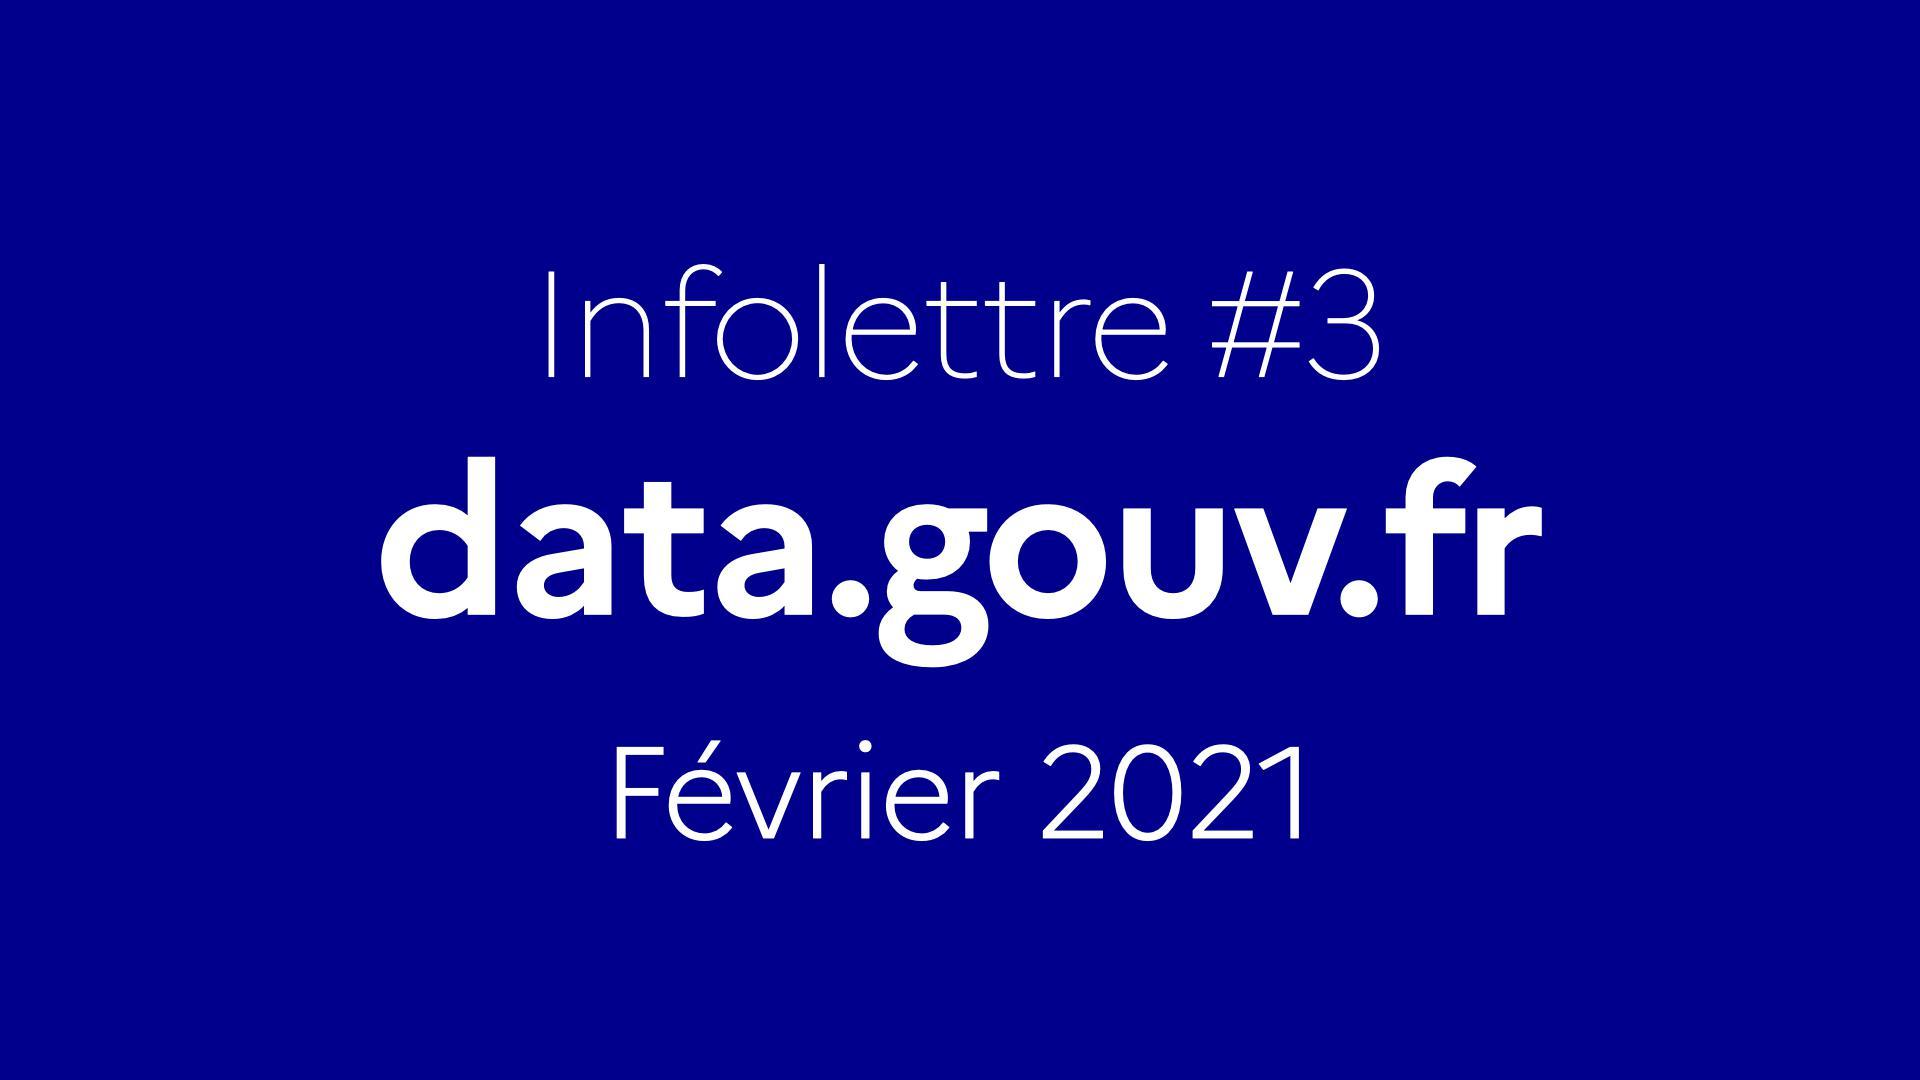 Infolettre data.gouv.fr #3